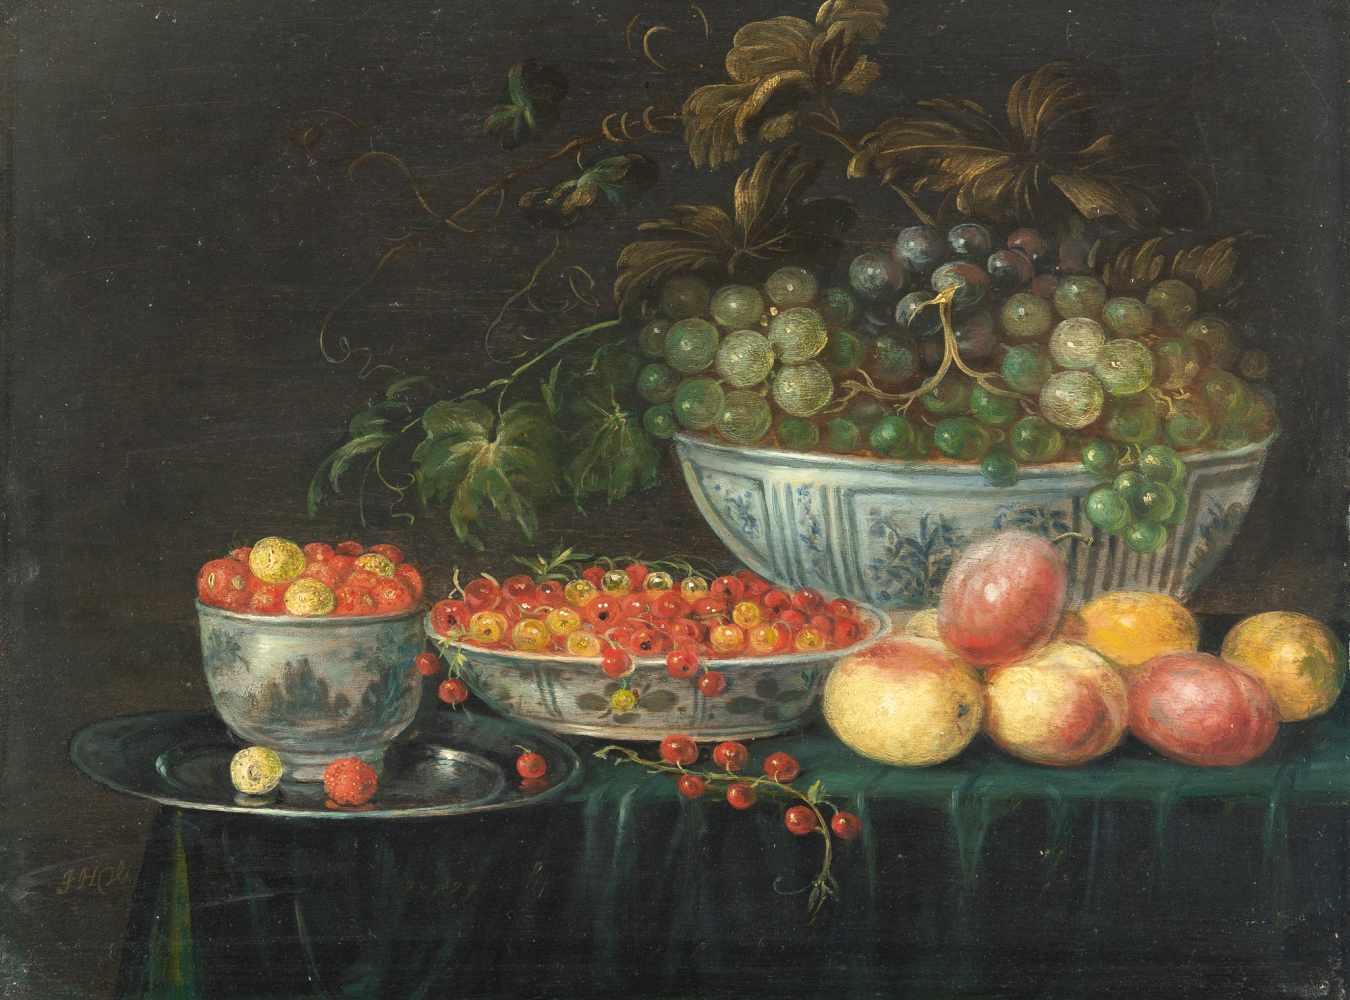 Los 4 - Monogrammist J.H.V.active in the northern Netherlands fRome 1652 - 1664Stillleben mit Erbeeren,